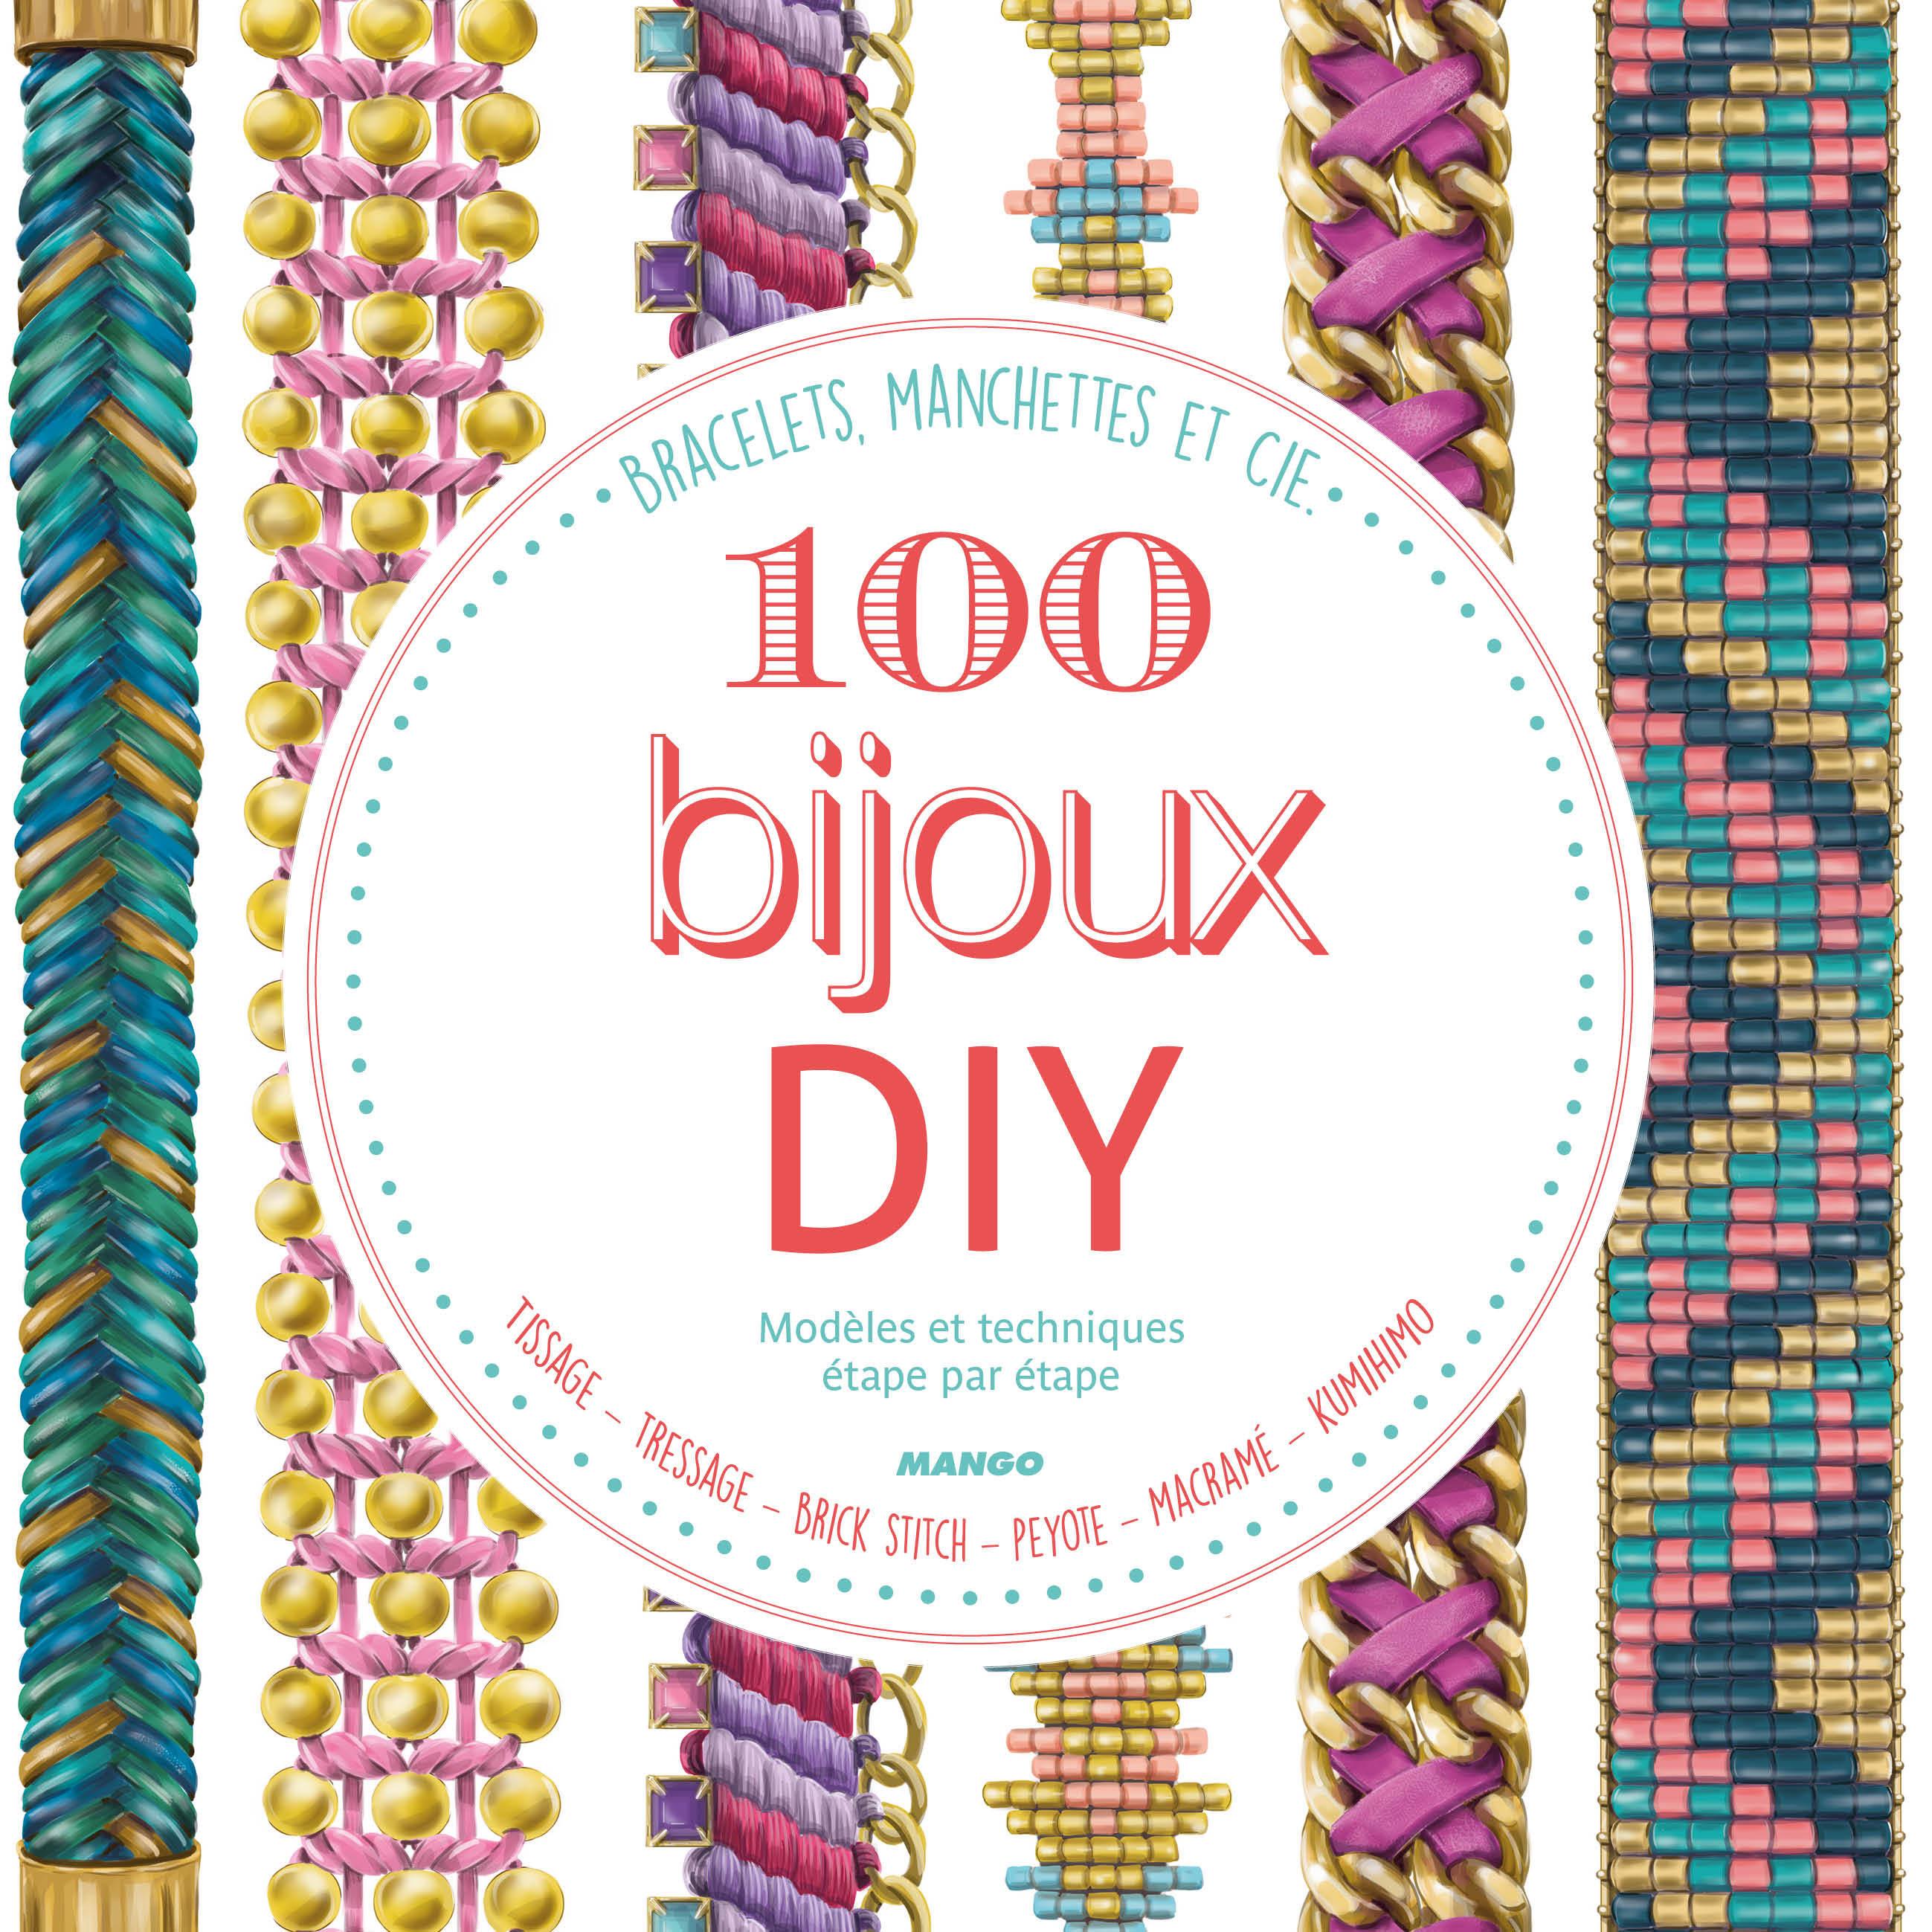 100 BIJOUX DIY